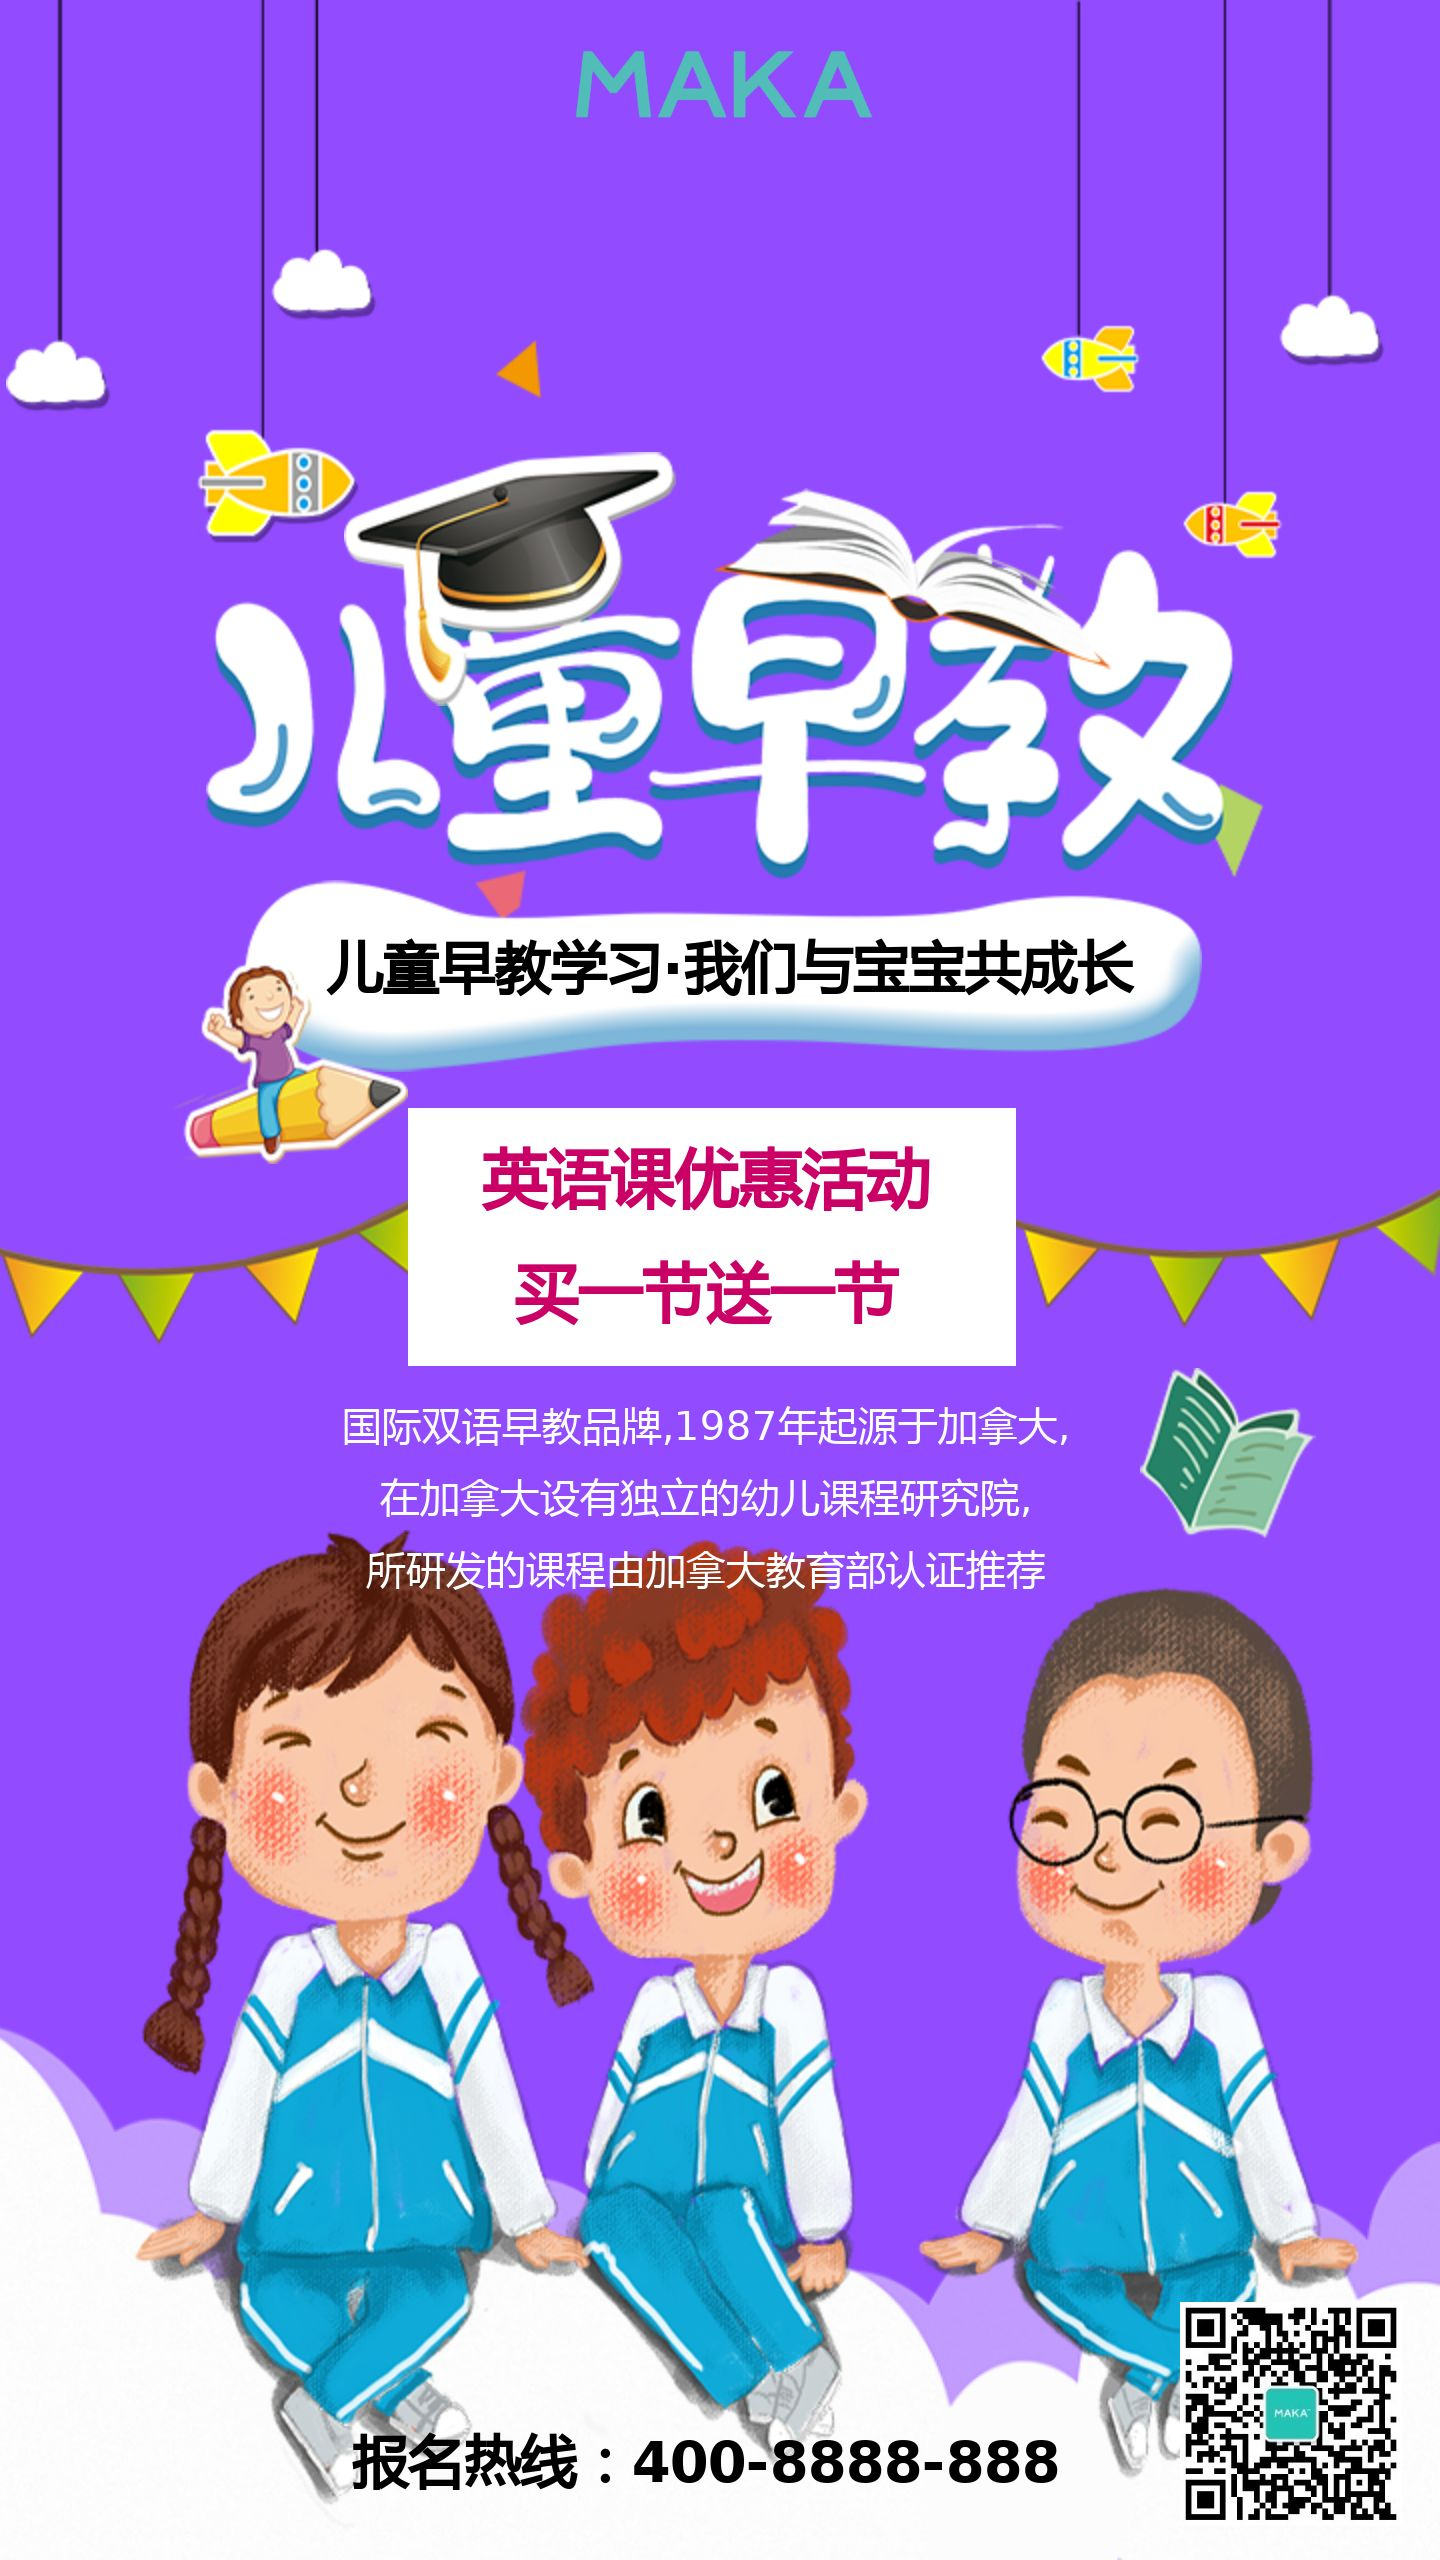 蓝色卡通插画风早教英语课招生优惠教育培训招生宣传海报